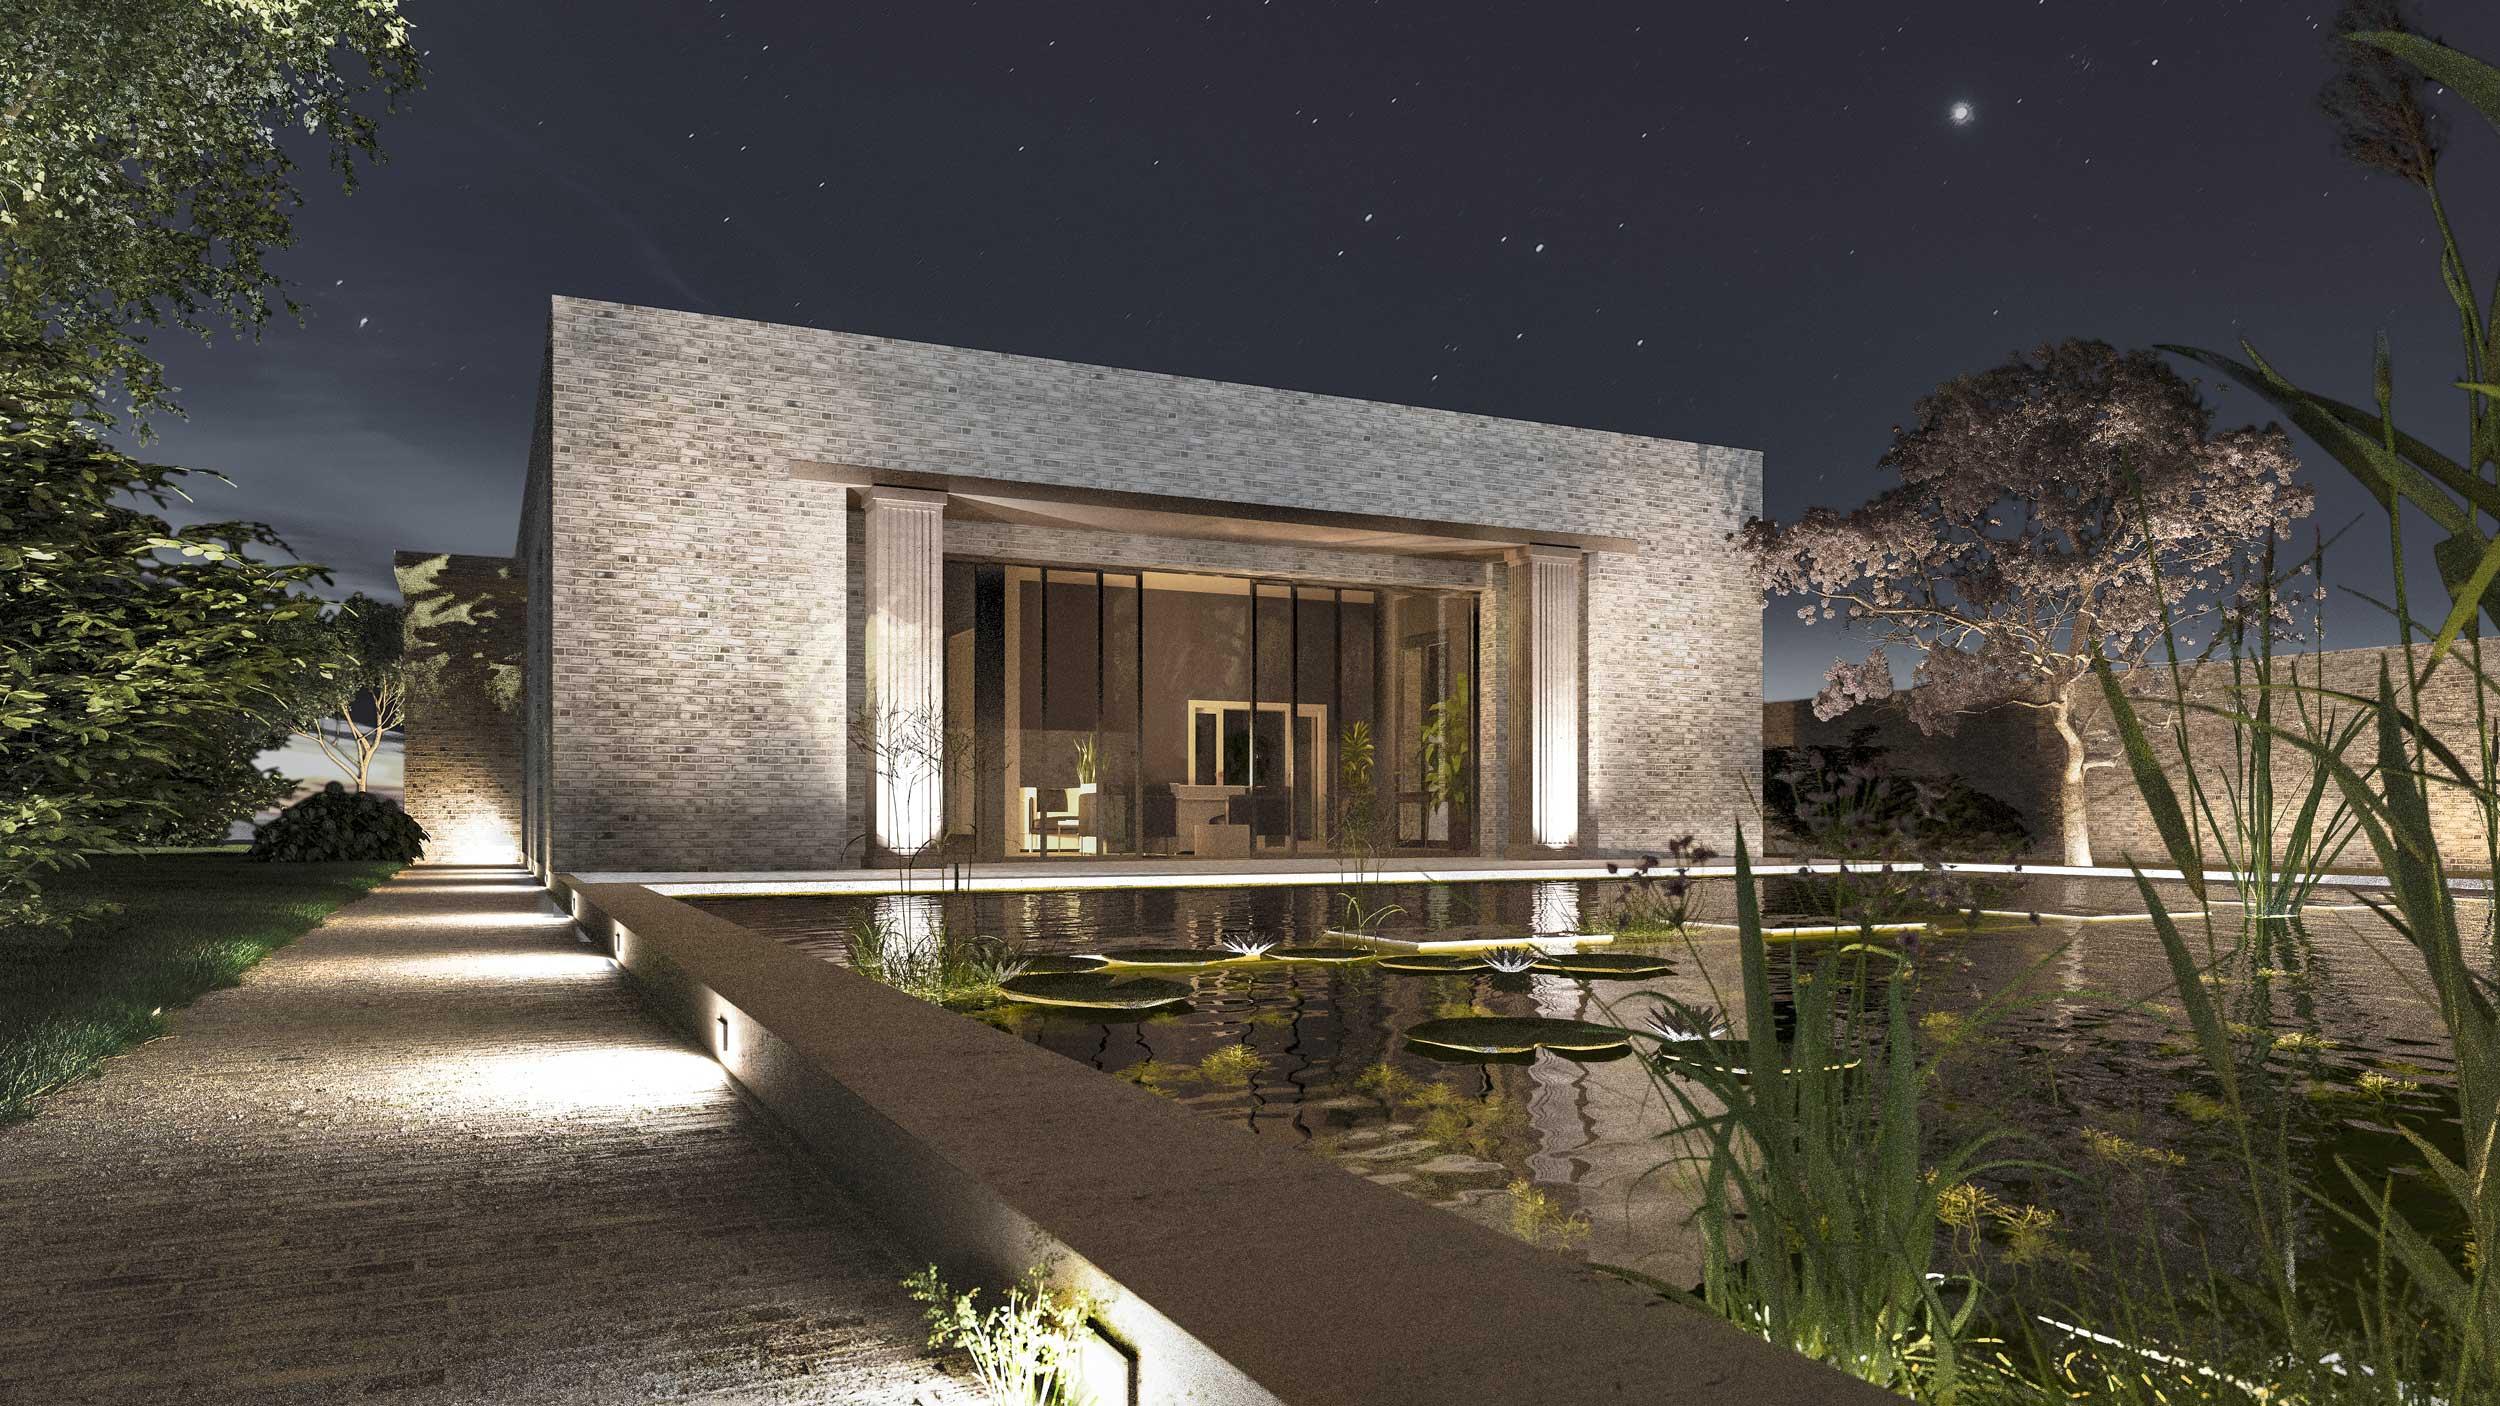 Minimalistisches Landhaus aus Backstein - Die Mörtelfugen, die Sonnenporch und ein Säulenpaar gliedern das puristische Äußere des Hauses aus Backstein.